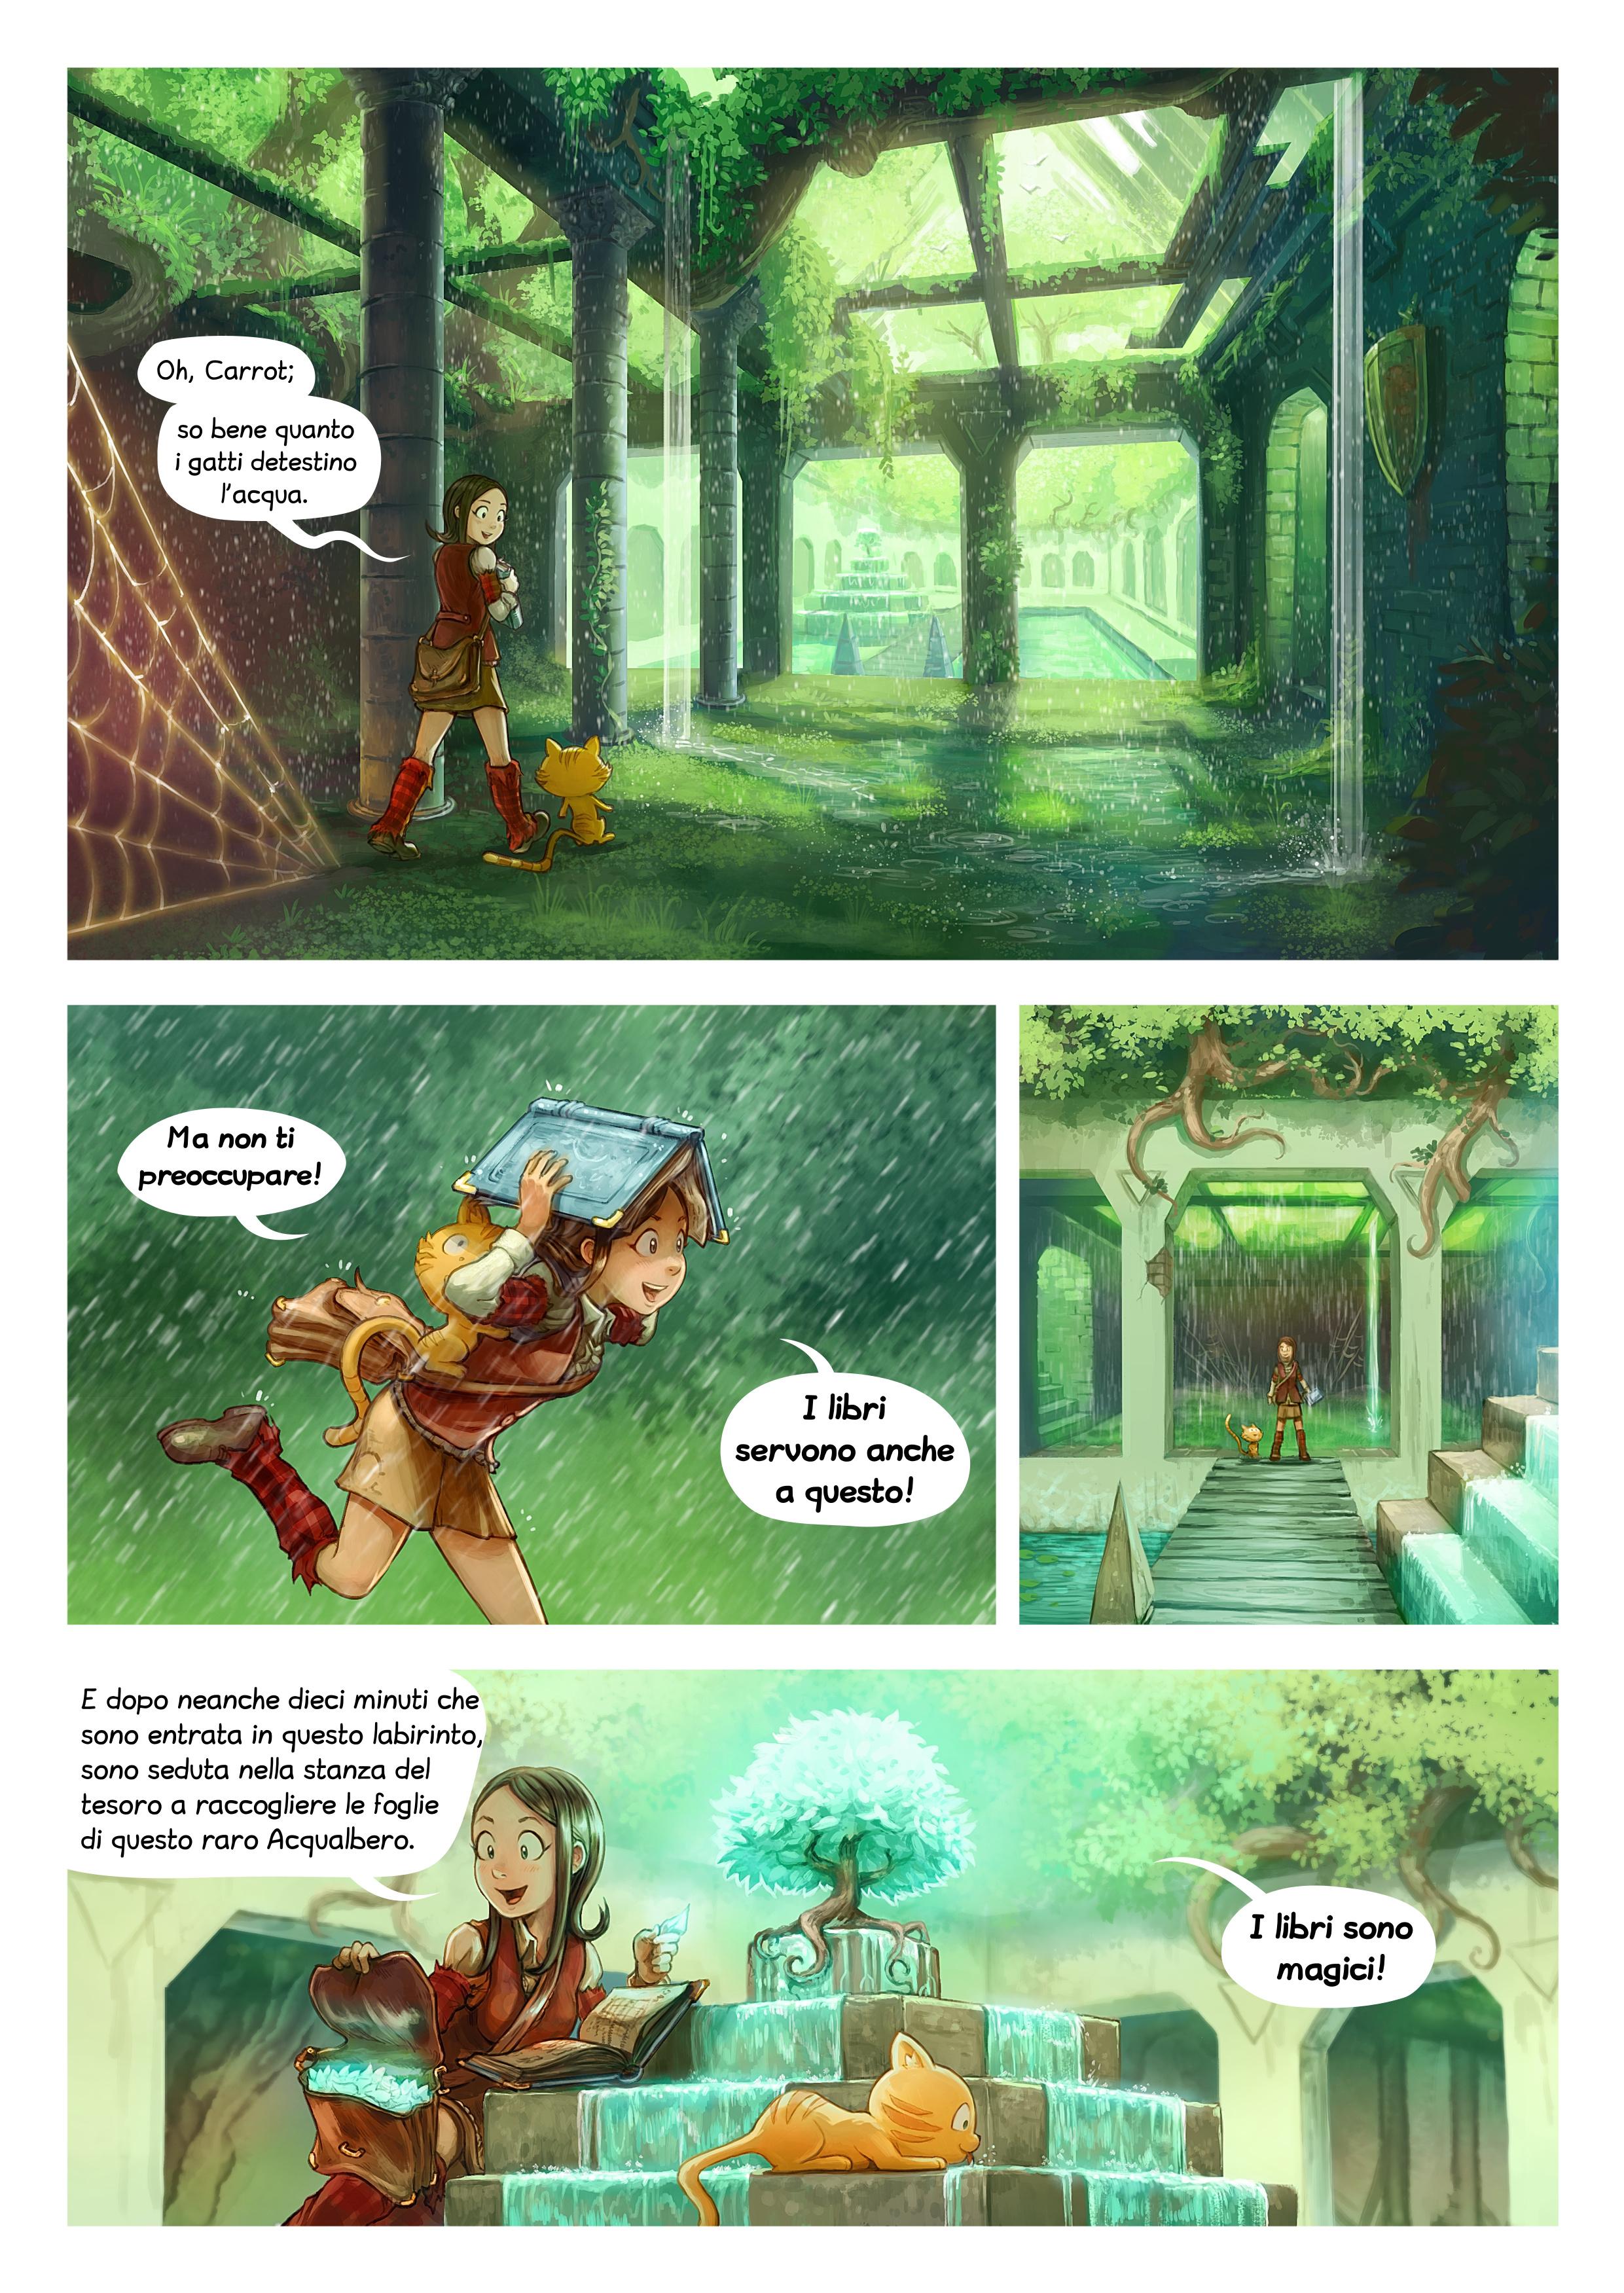 Episodio 26: I libri sono fantastici, Page 3